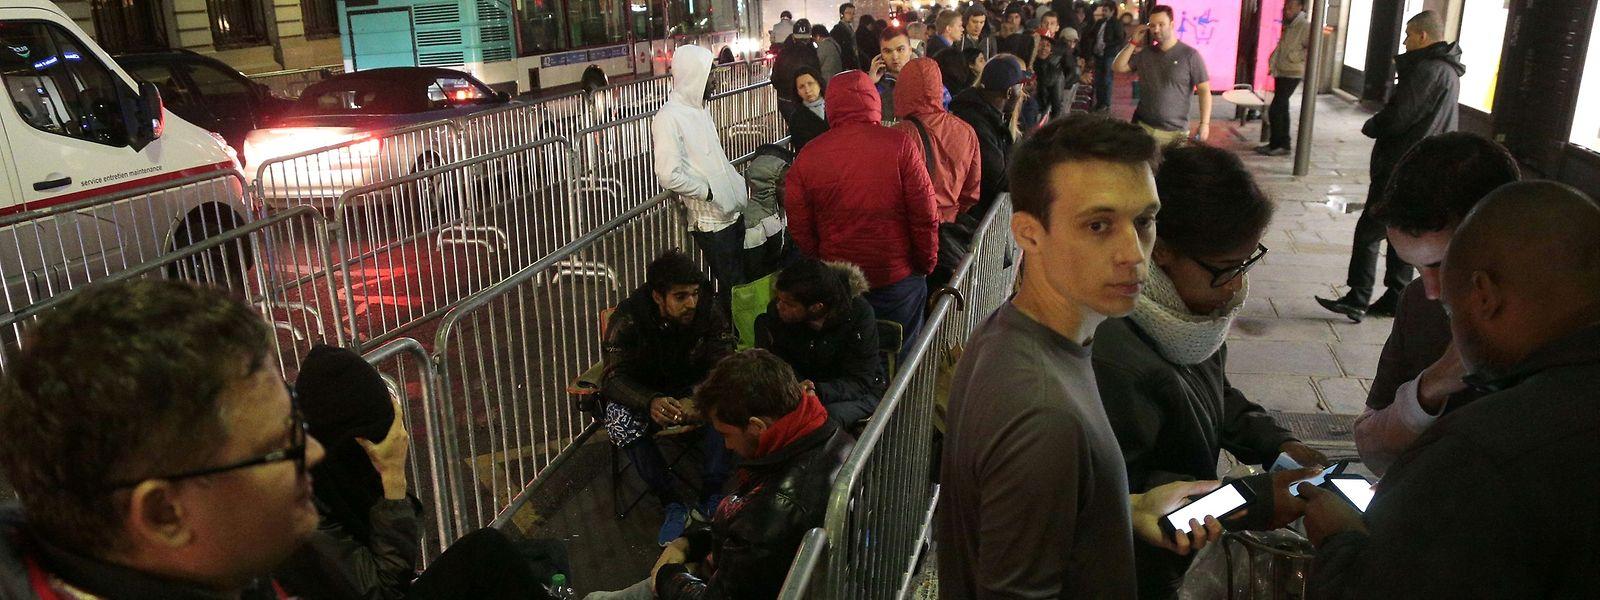 Vor einem Apple Store in Paris bildeten sich am Freitagmorgen lange Schlangen wartender Kunden.